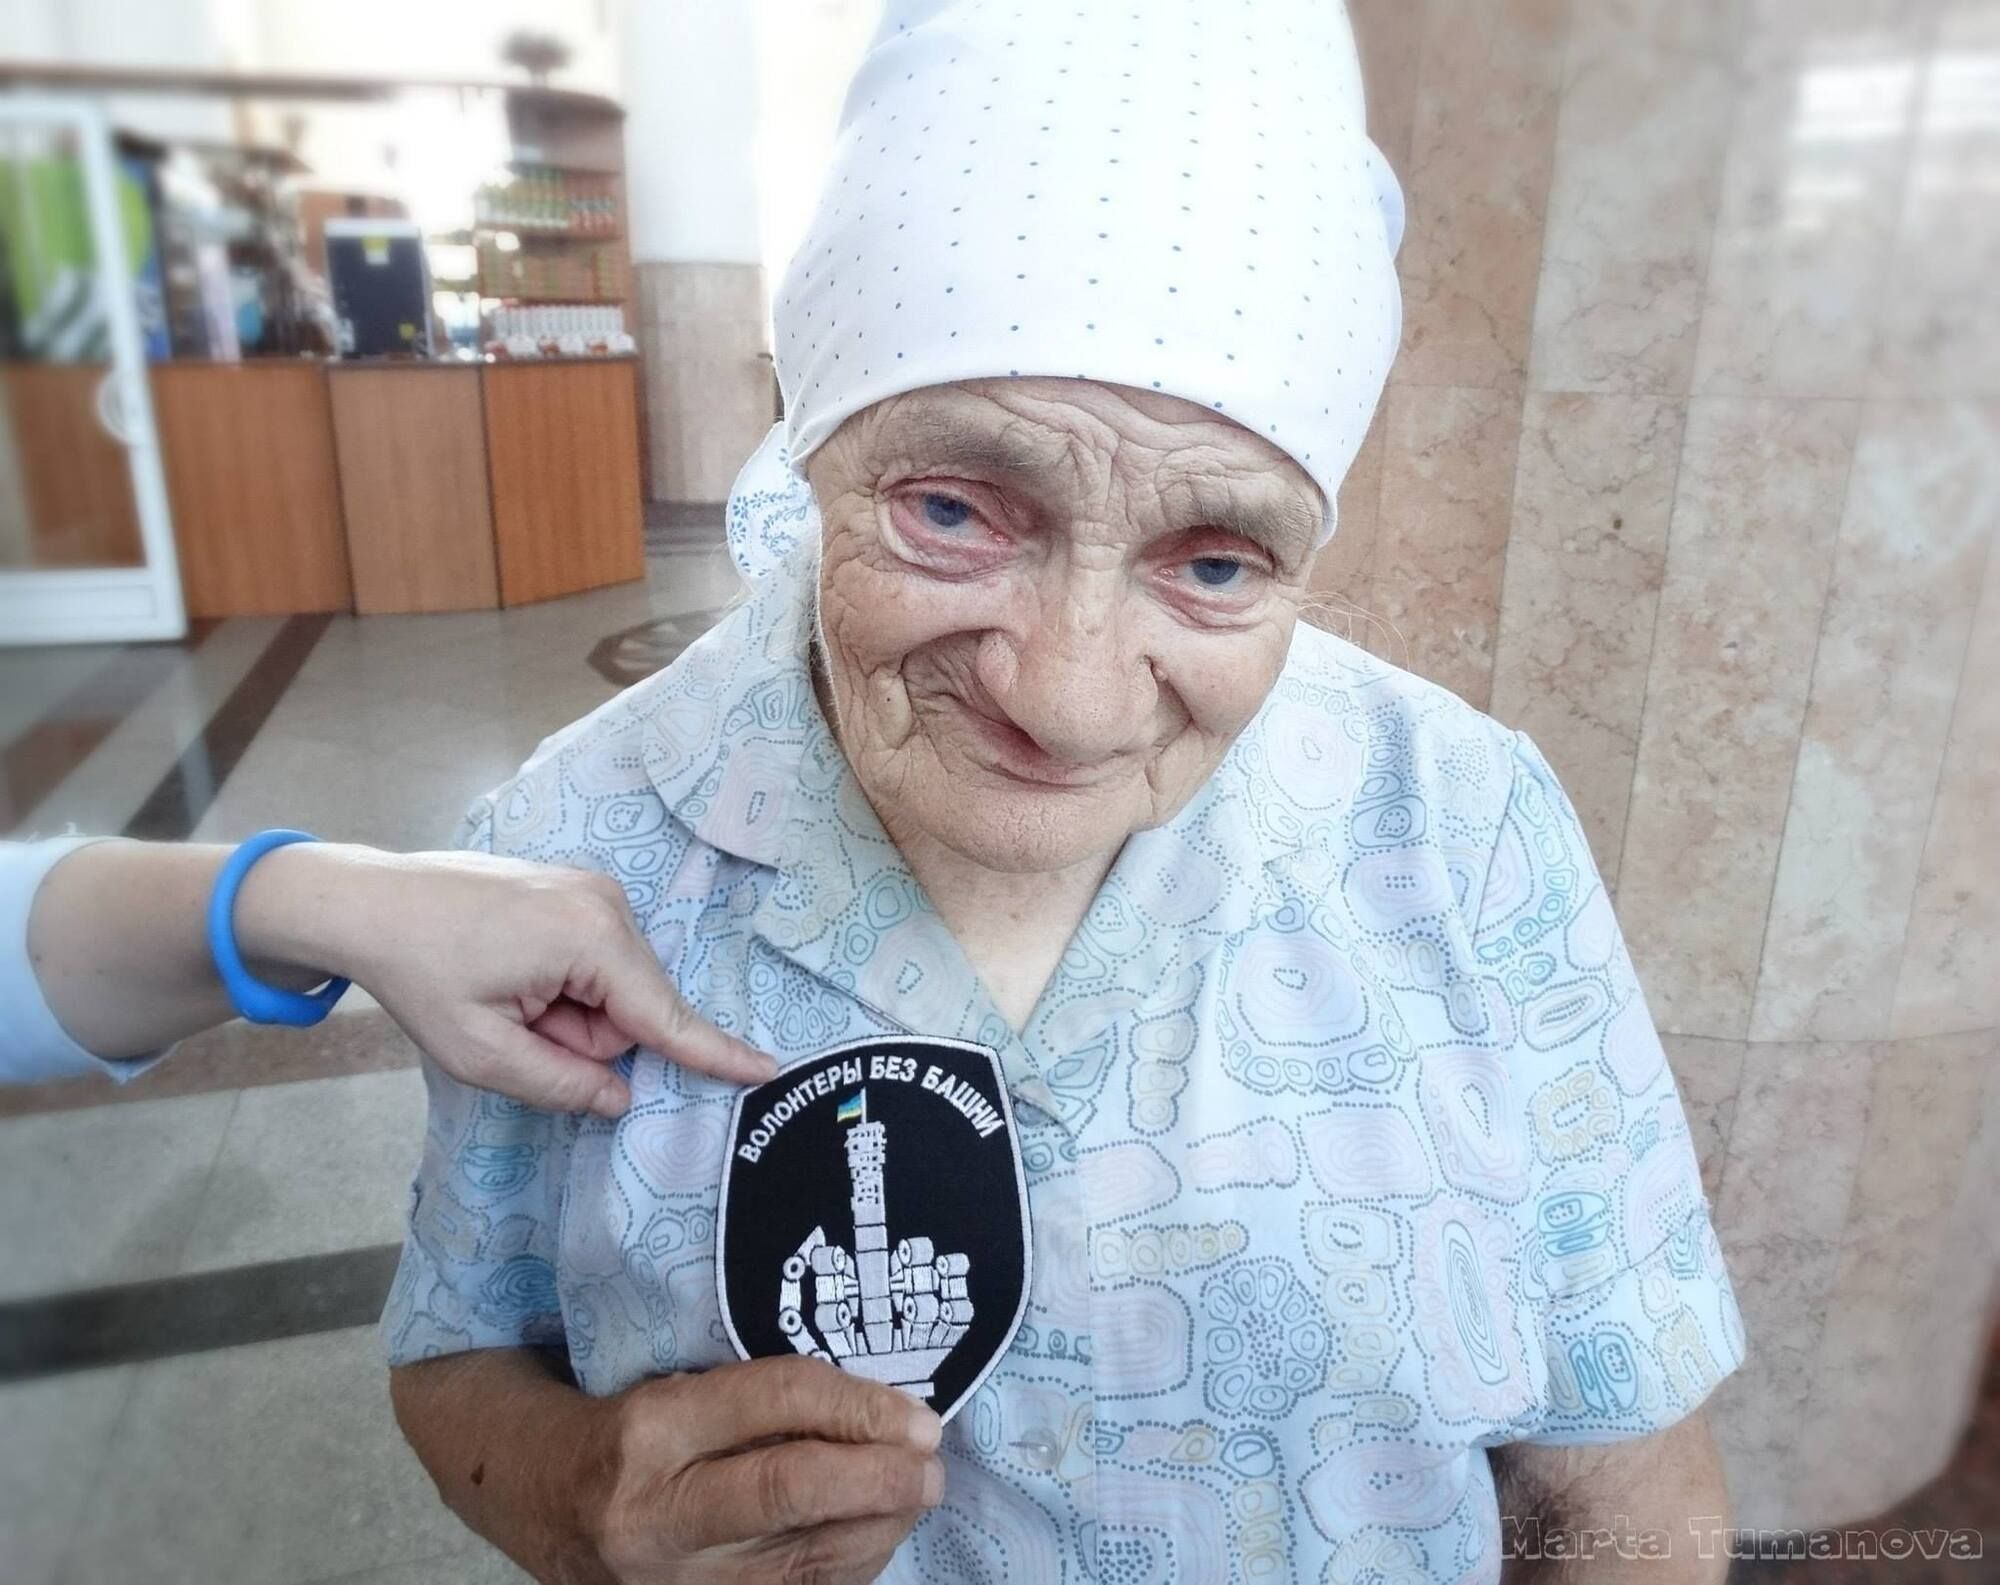 Попри поважний вік, волонтерка Савченко до останнього допомагала захисникам на Донбасі